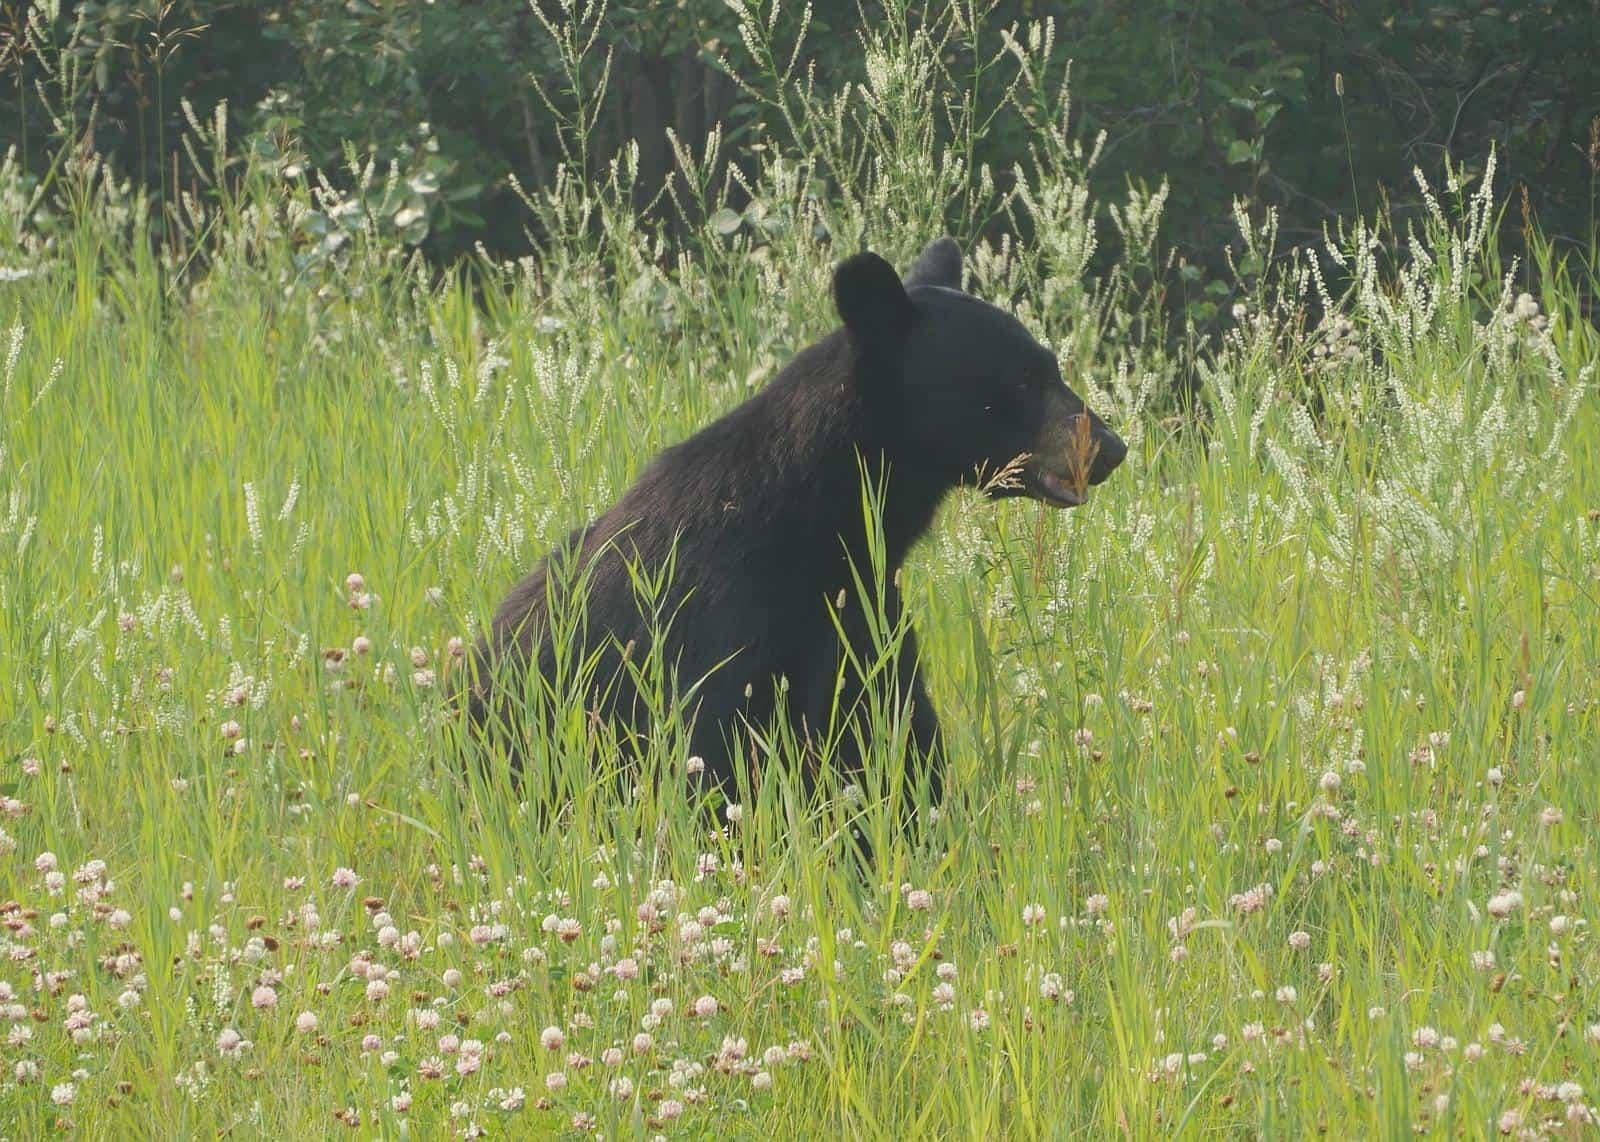 Schwarzbär in Kanada